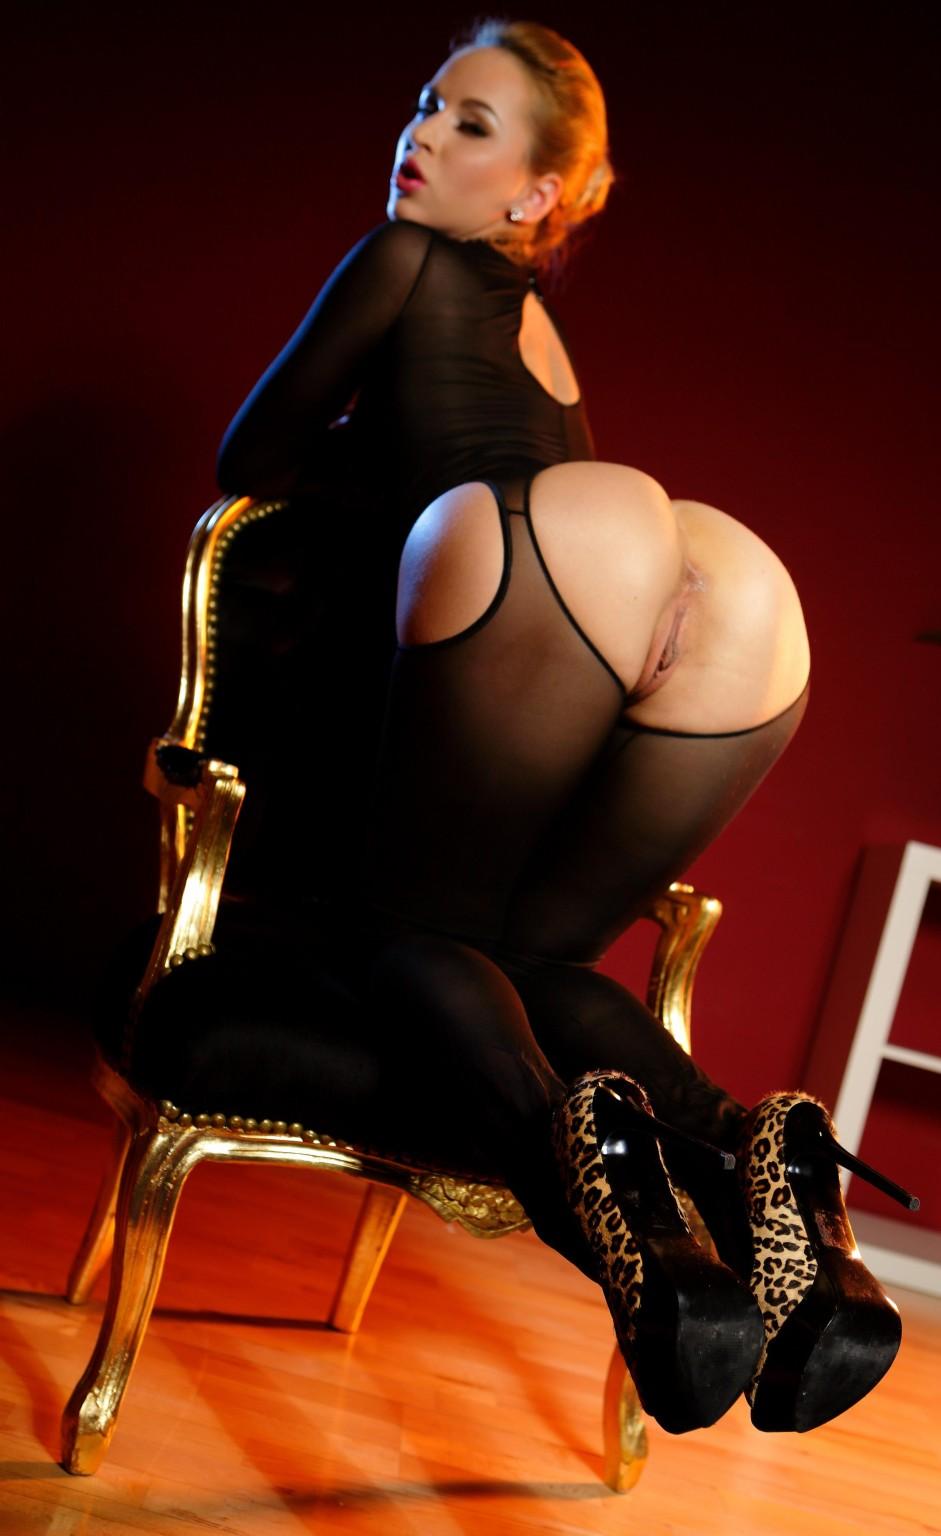 Блондинка лесбиянка садиться на стул, чтобы ее подруга смогла сделать незабываемый куннилингус